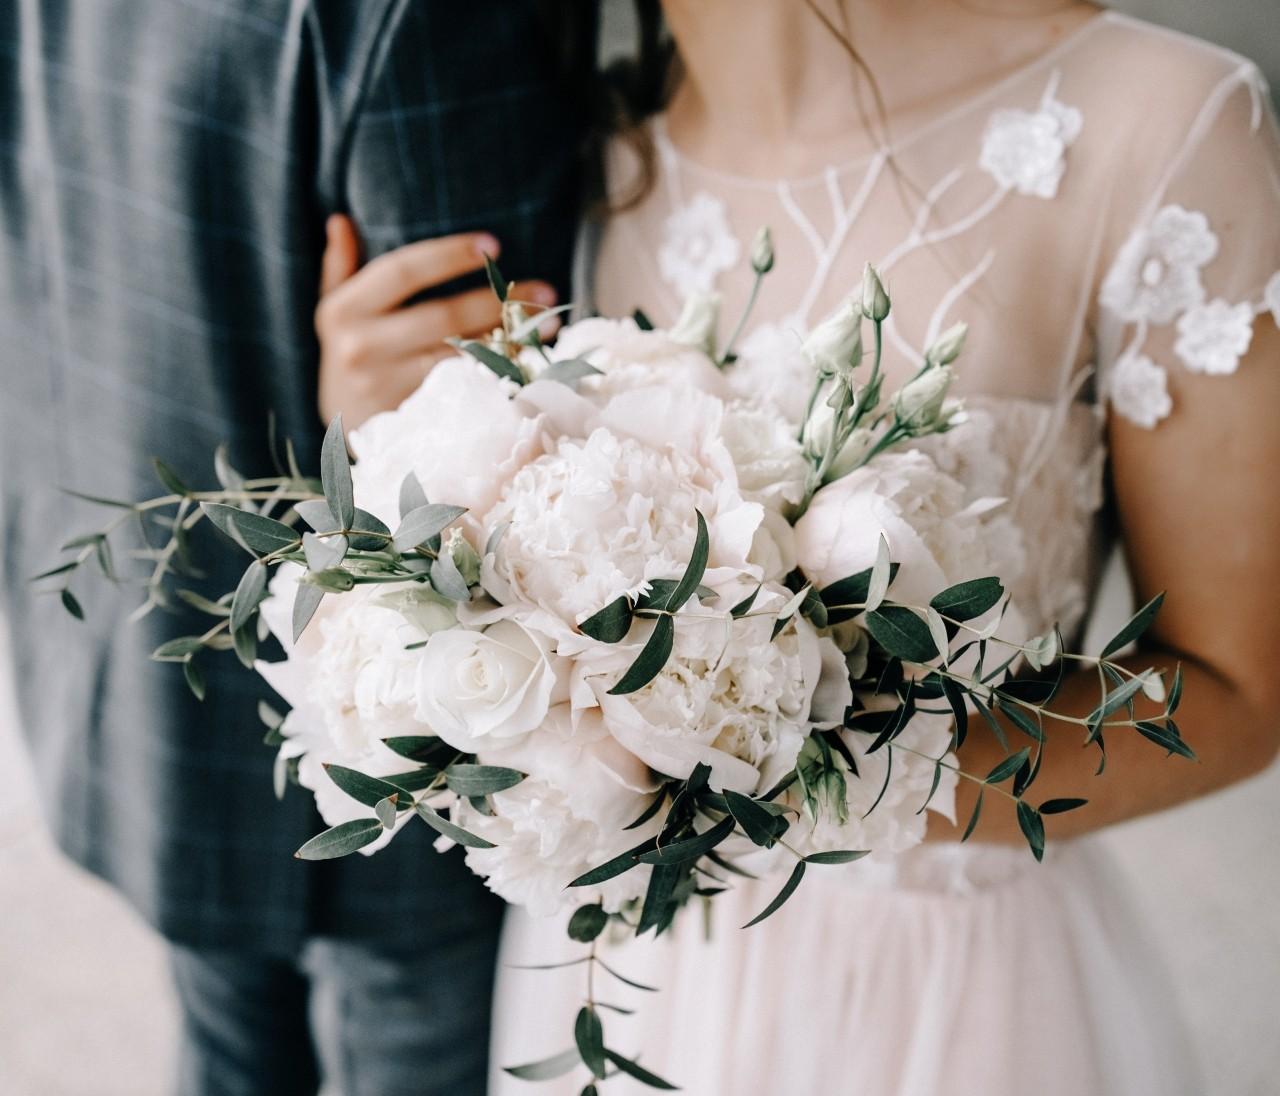 「結婚するつもりがあるか」勇気を出して確認してみたら・・・【30代ジーコの、本気で婚活!ブログVol.71】